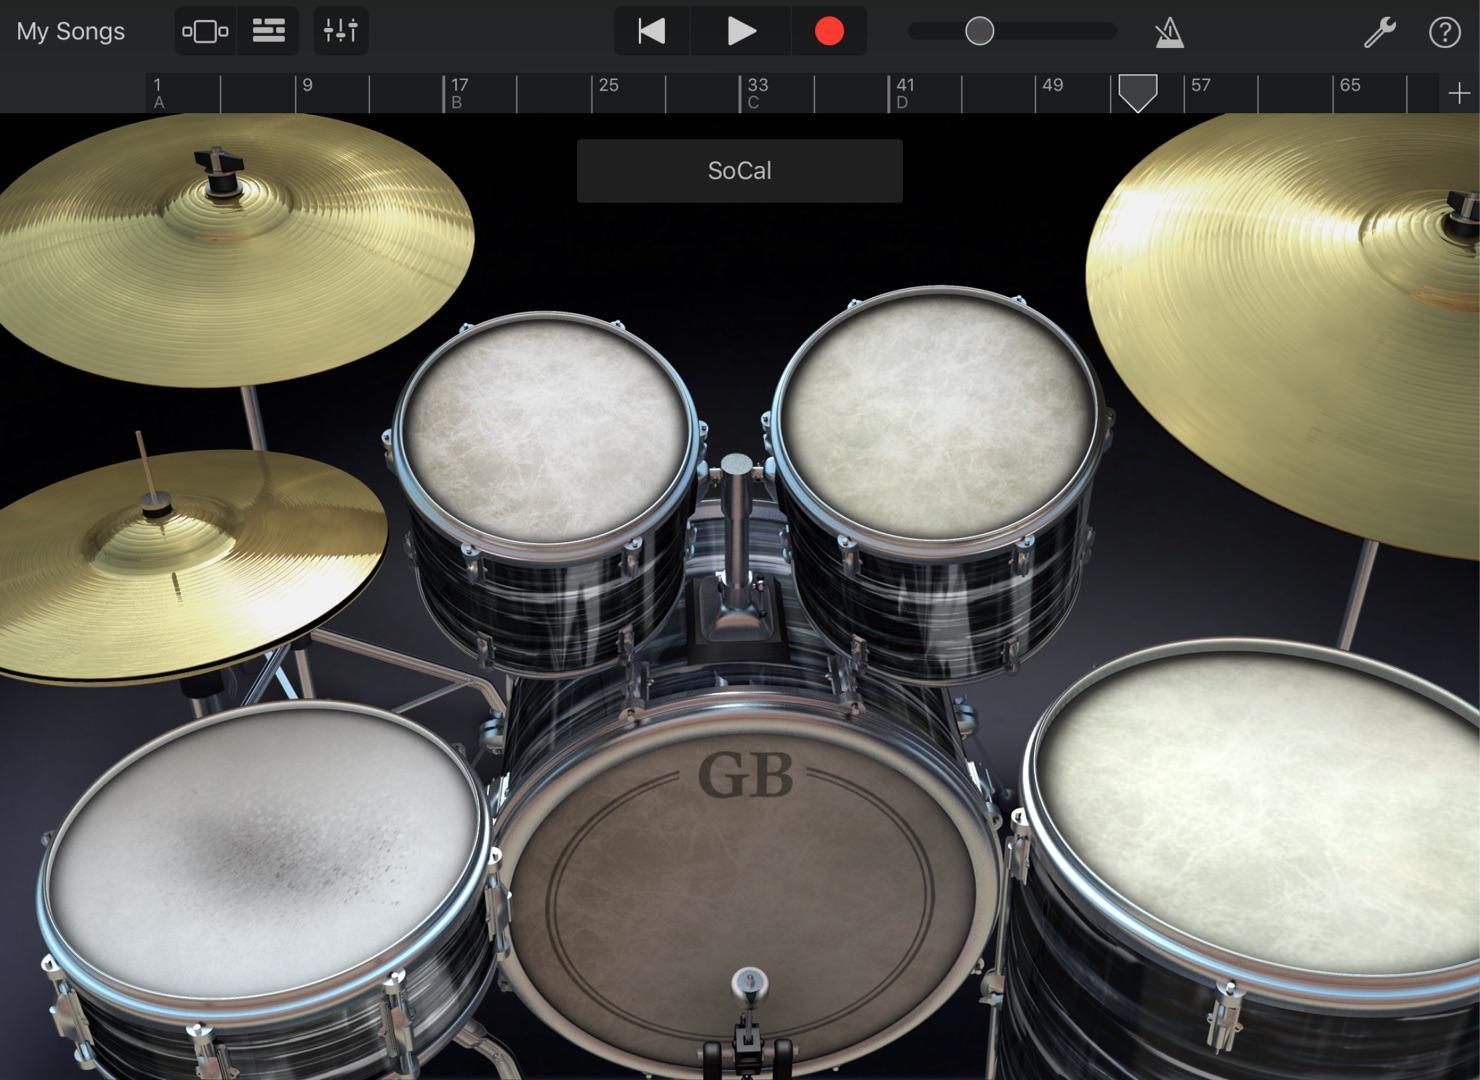 garageband-ios-drums-2-2